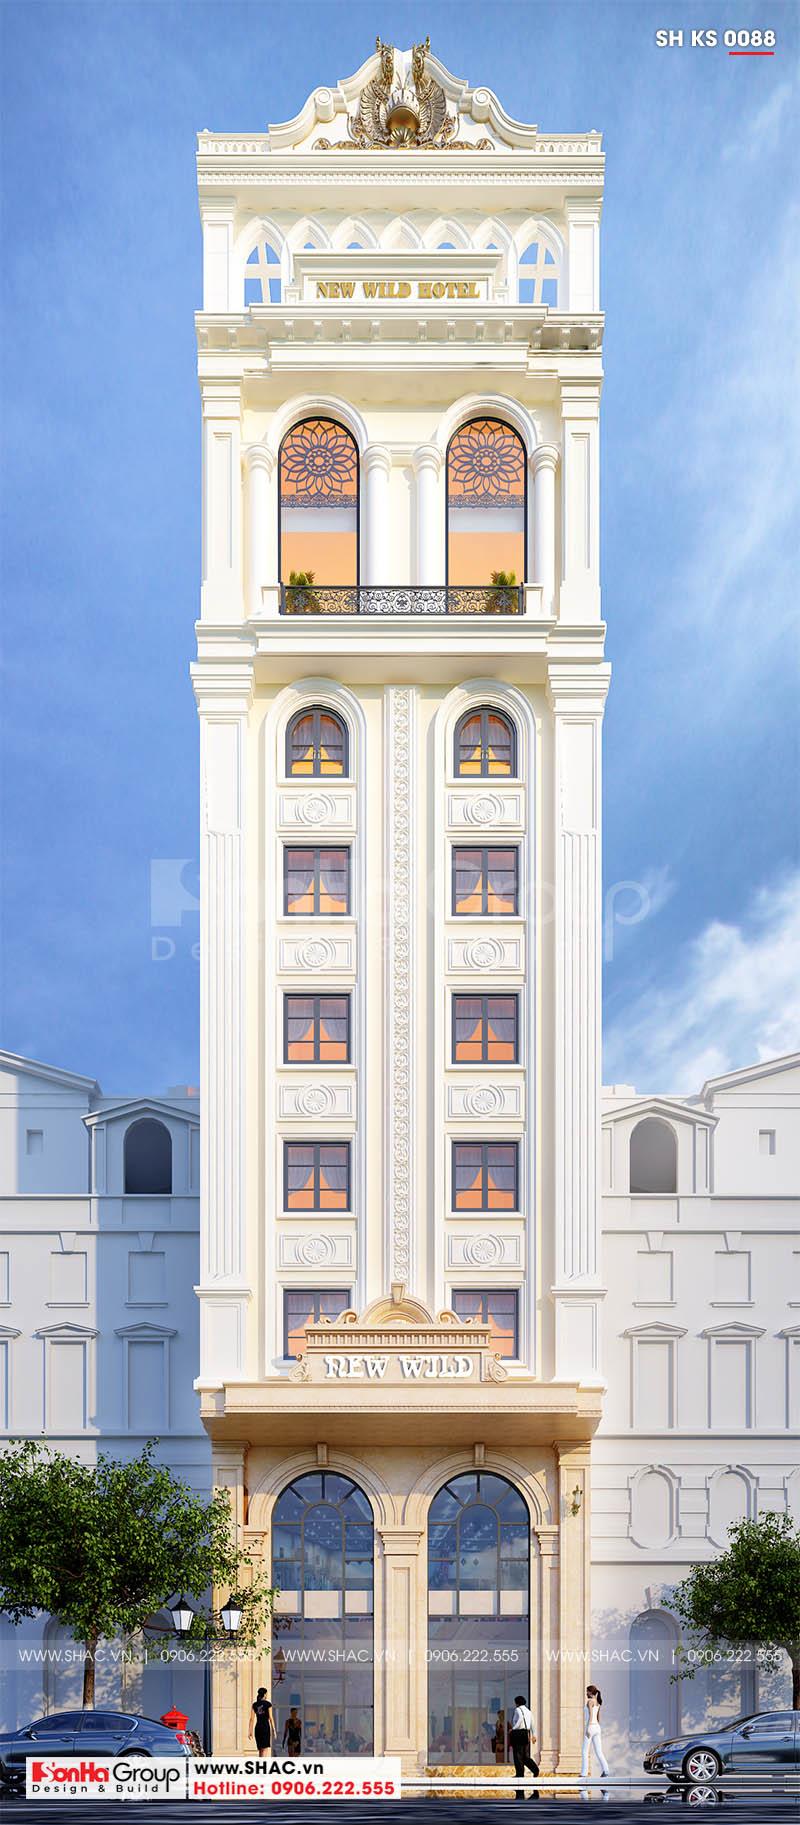 Mẫu khách sạn tân cổ điển tiêu chuẩn 3 sao tối ưu công năng tại Hải Phòng – SH KS 0088 1